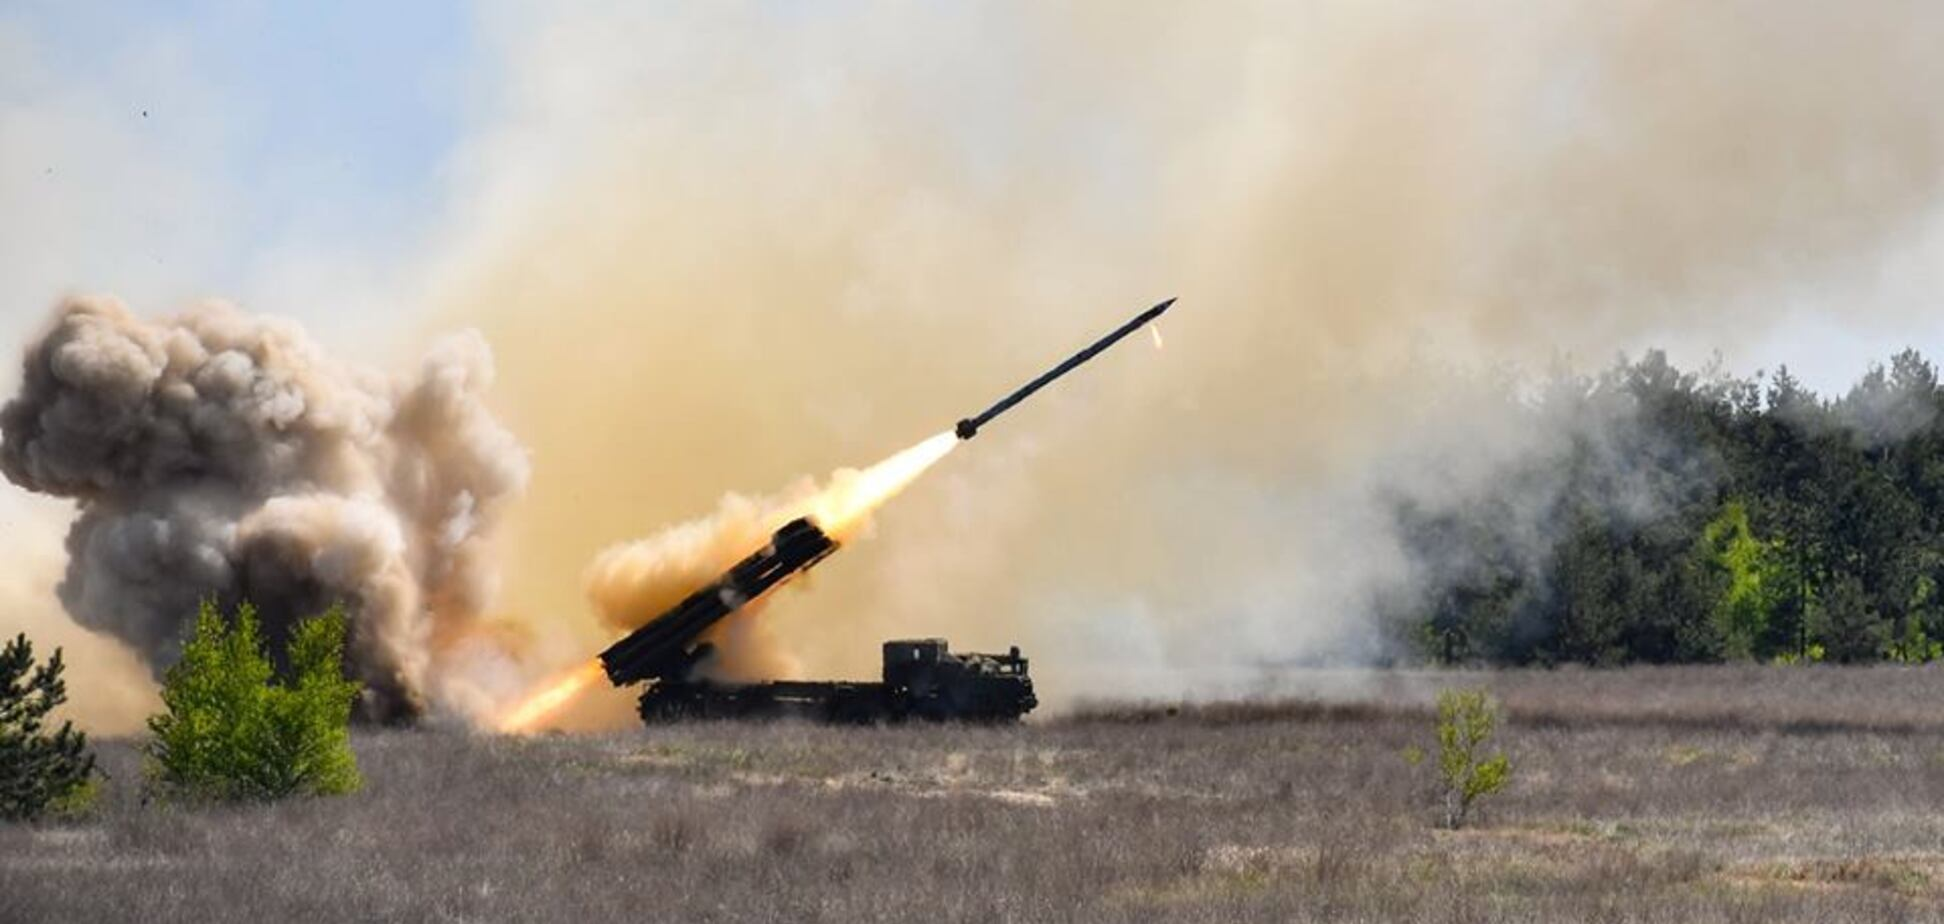 Бьет на 120 километров: в Украине успешно испытали мощное оружие. Видео